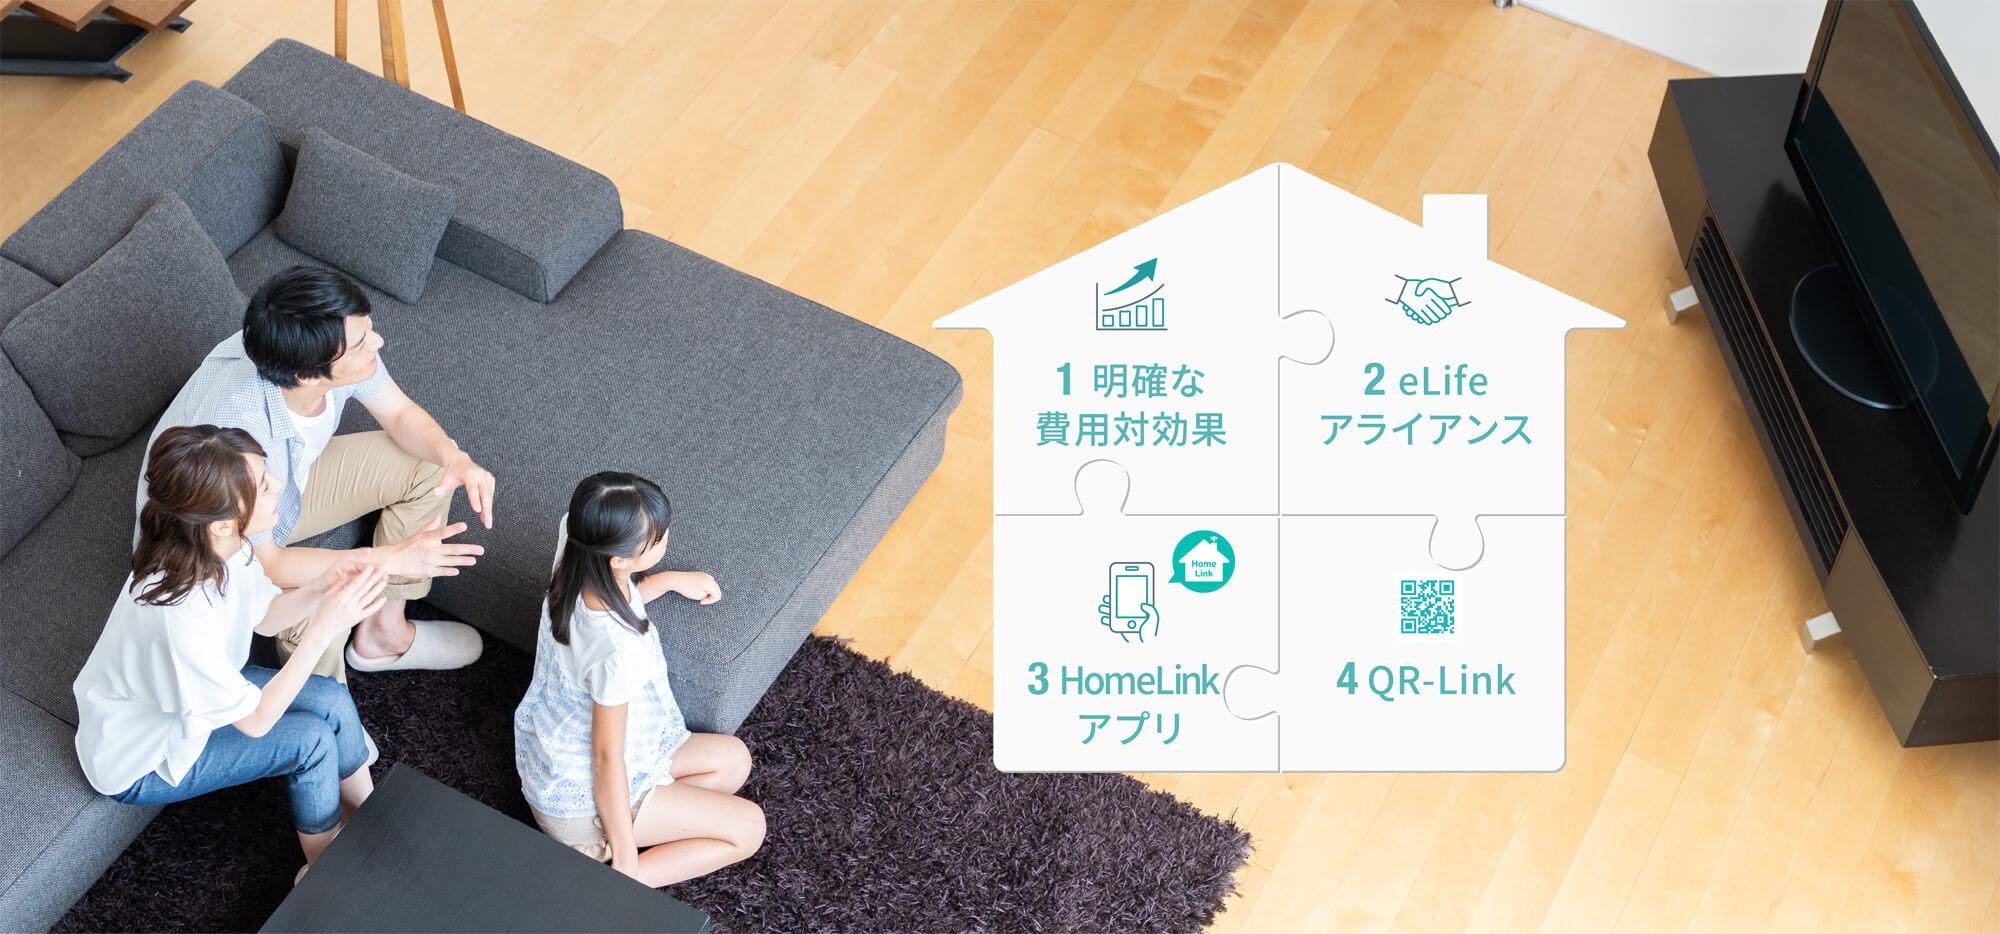 1 明確な費用対効果 2 eLifeアライアンス 3 HomeLinkアプリ 4 QR-Link